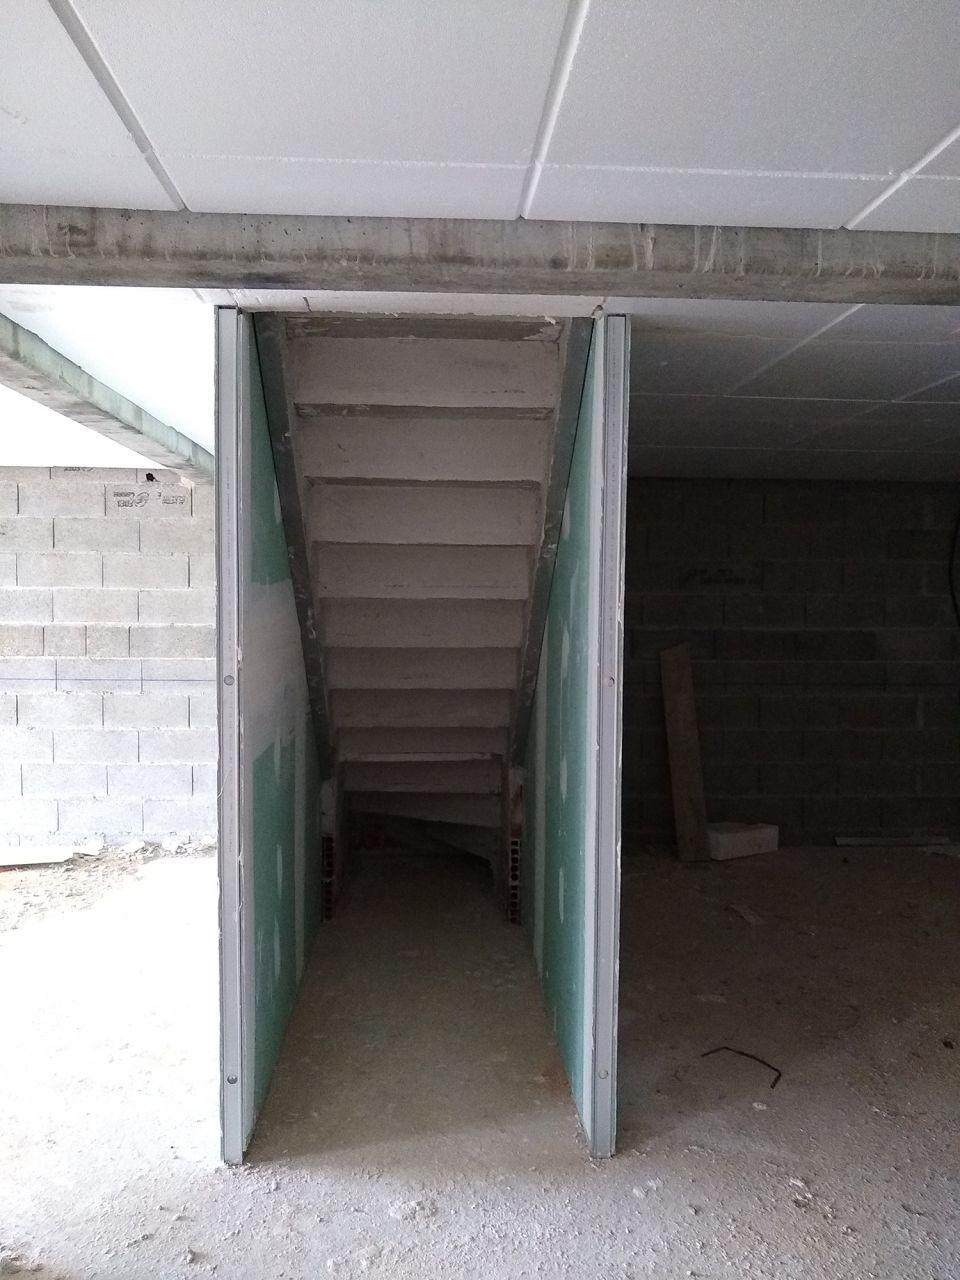 Escalier du sous sol